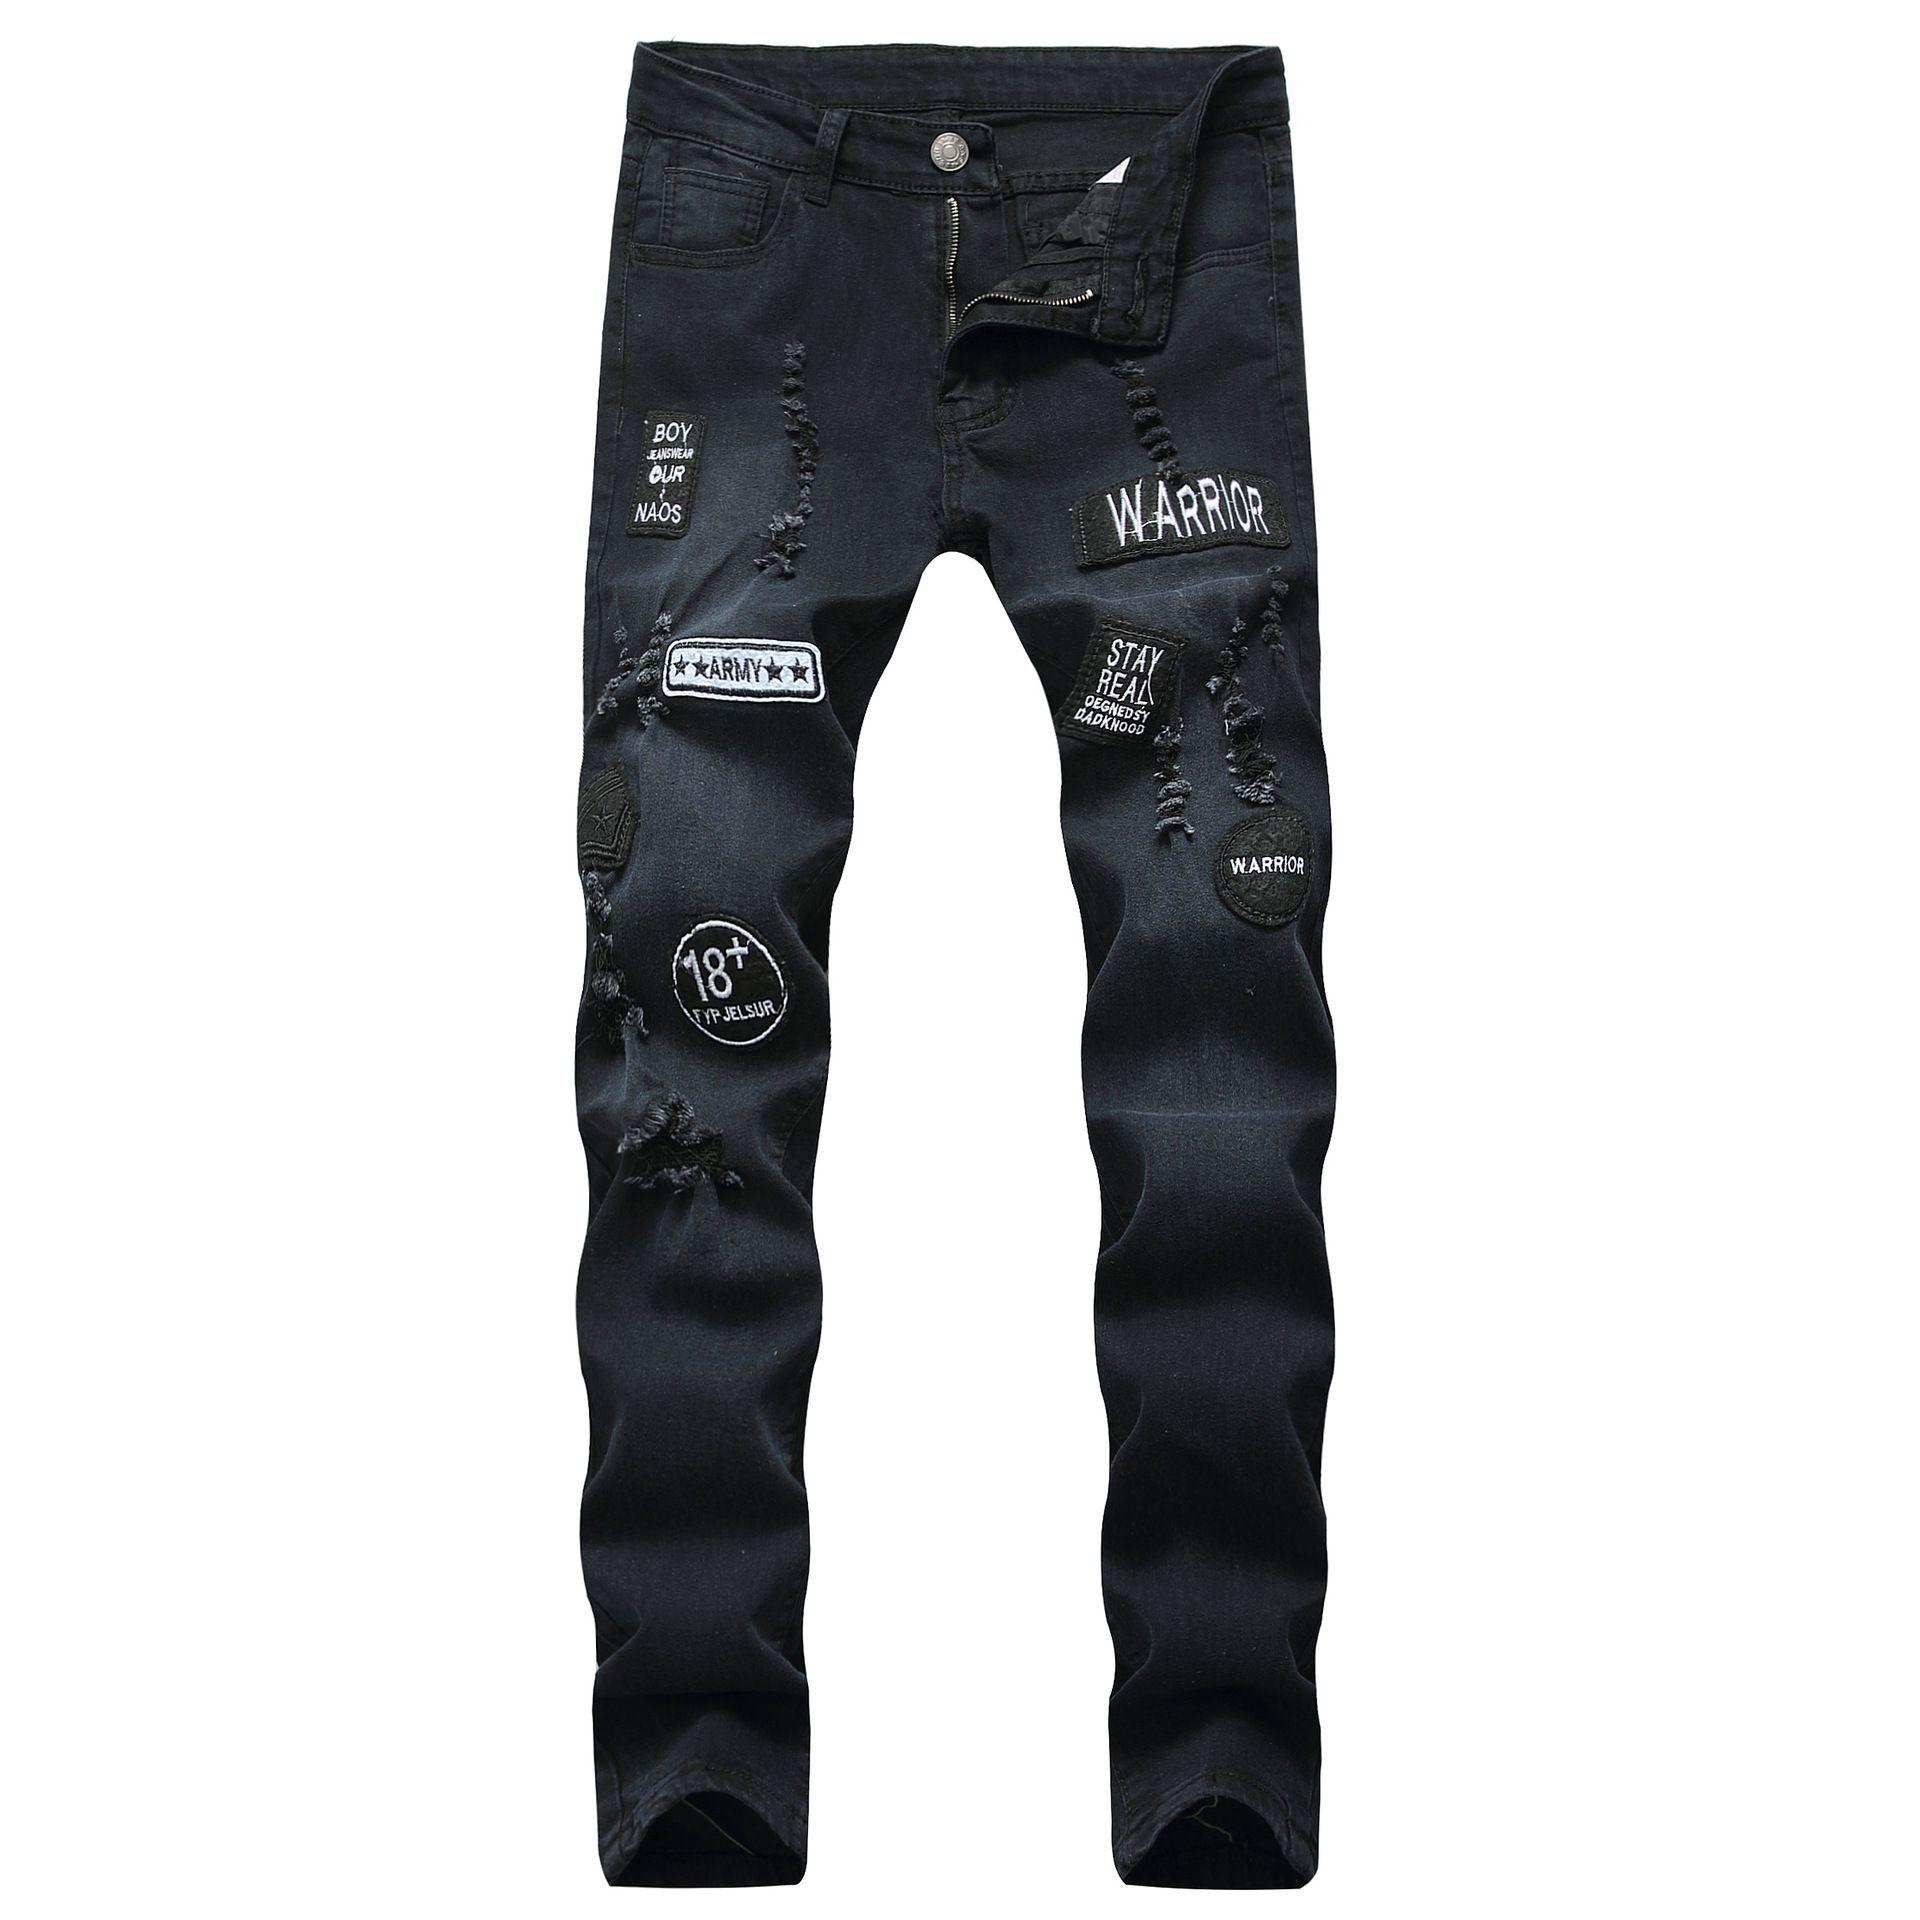 Pop2019 Çapraz Sınır Avrupa Sokak Marka Kovboy Erkek Kişilik Fold İnce Bağlı Ayak Pantolon Rozeti Delik Gelgit Kot